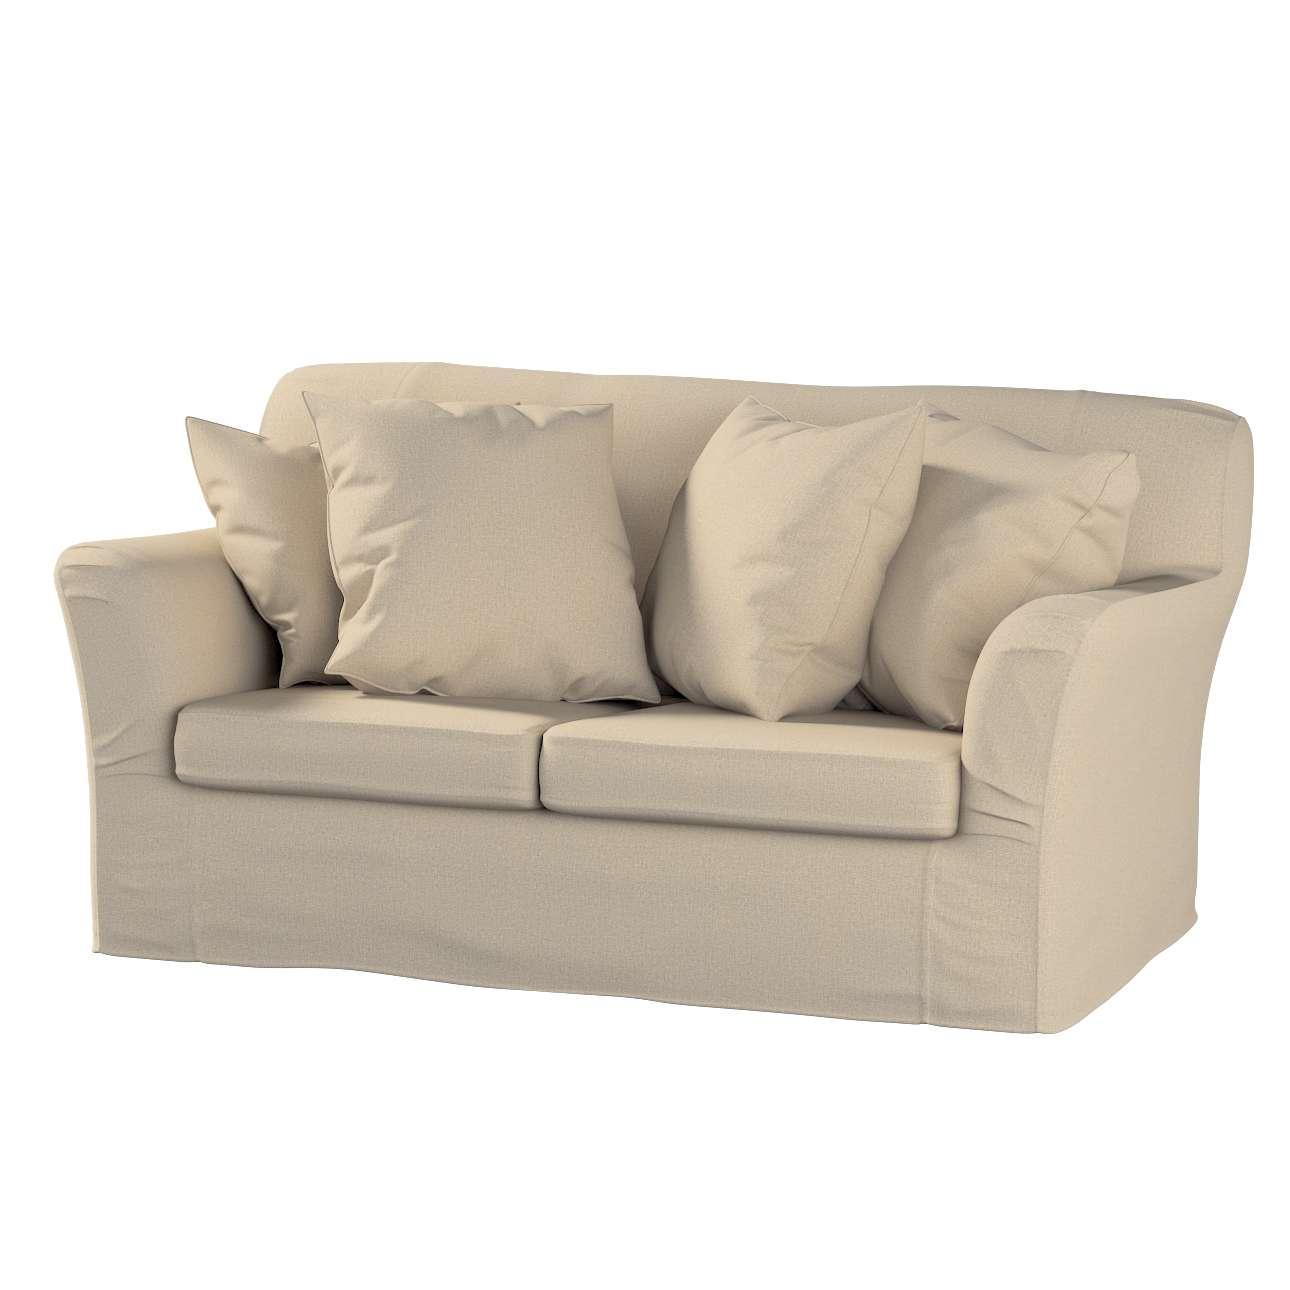 TOMELILLA  dvivietės sofos užvalkalas TOMELILLA dvivietė sofa kolekcijoje Edinburgh , audinys: 115-78